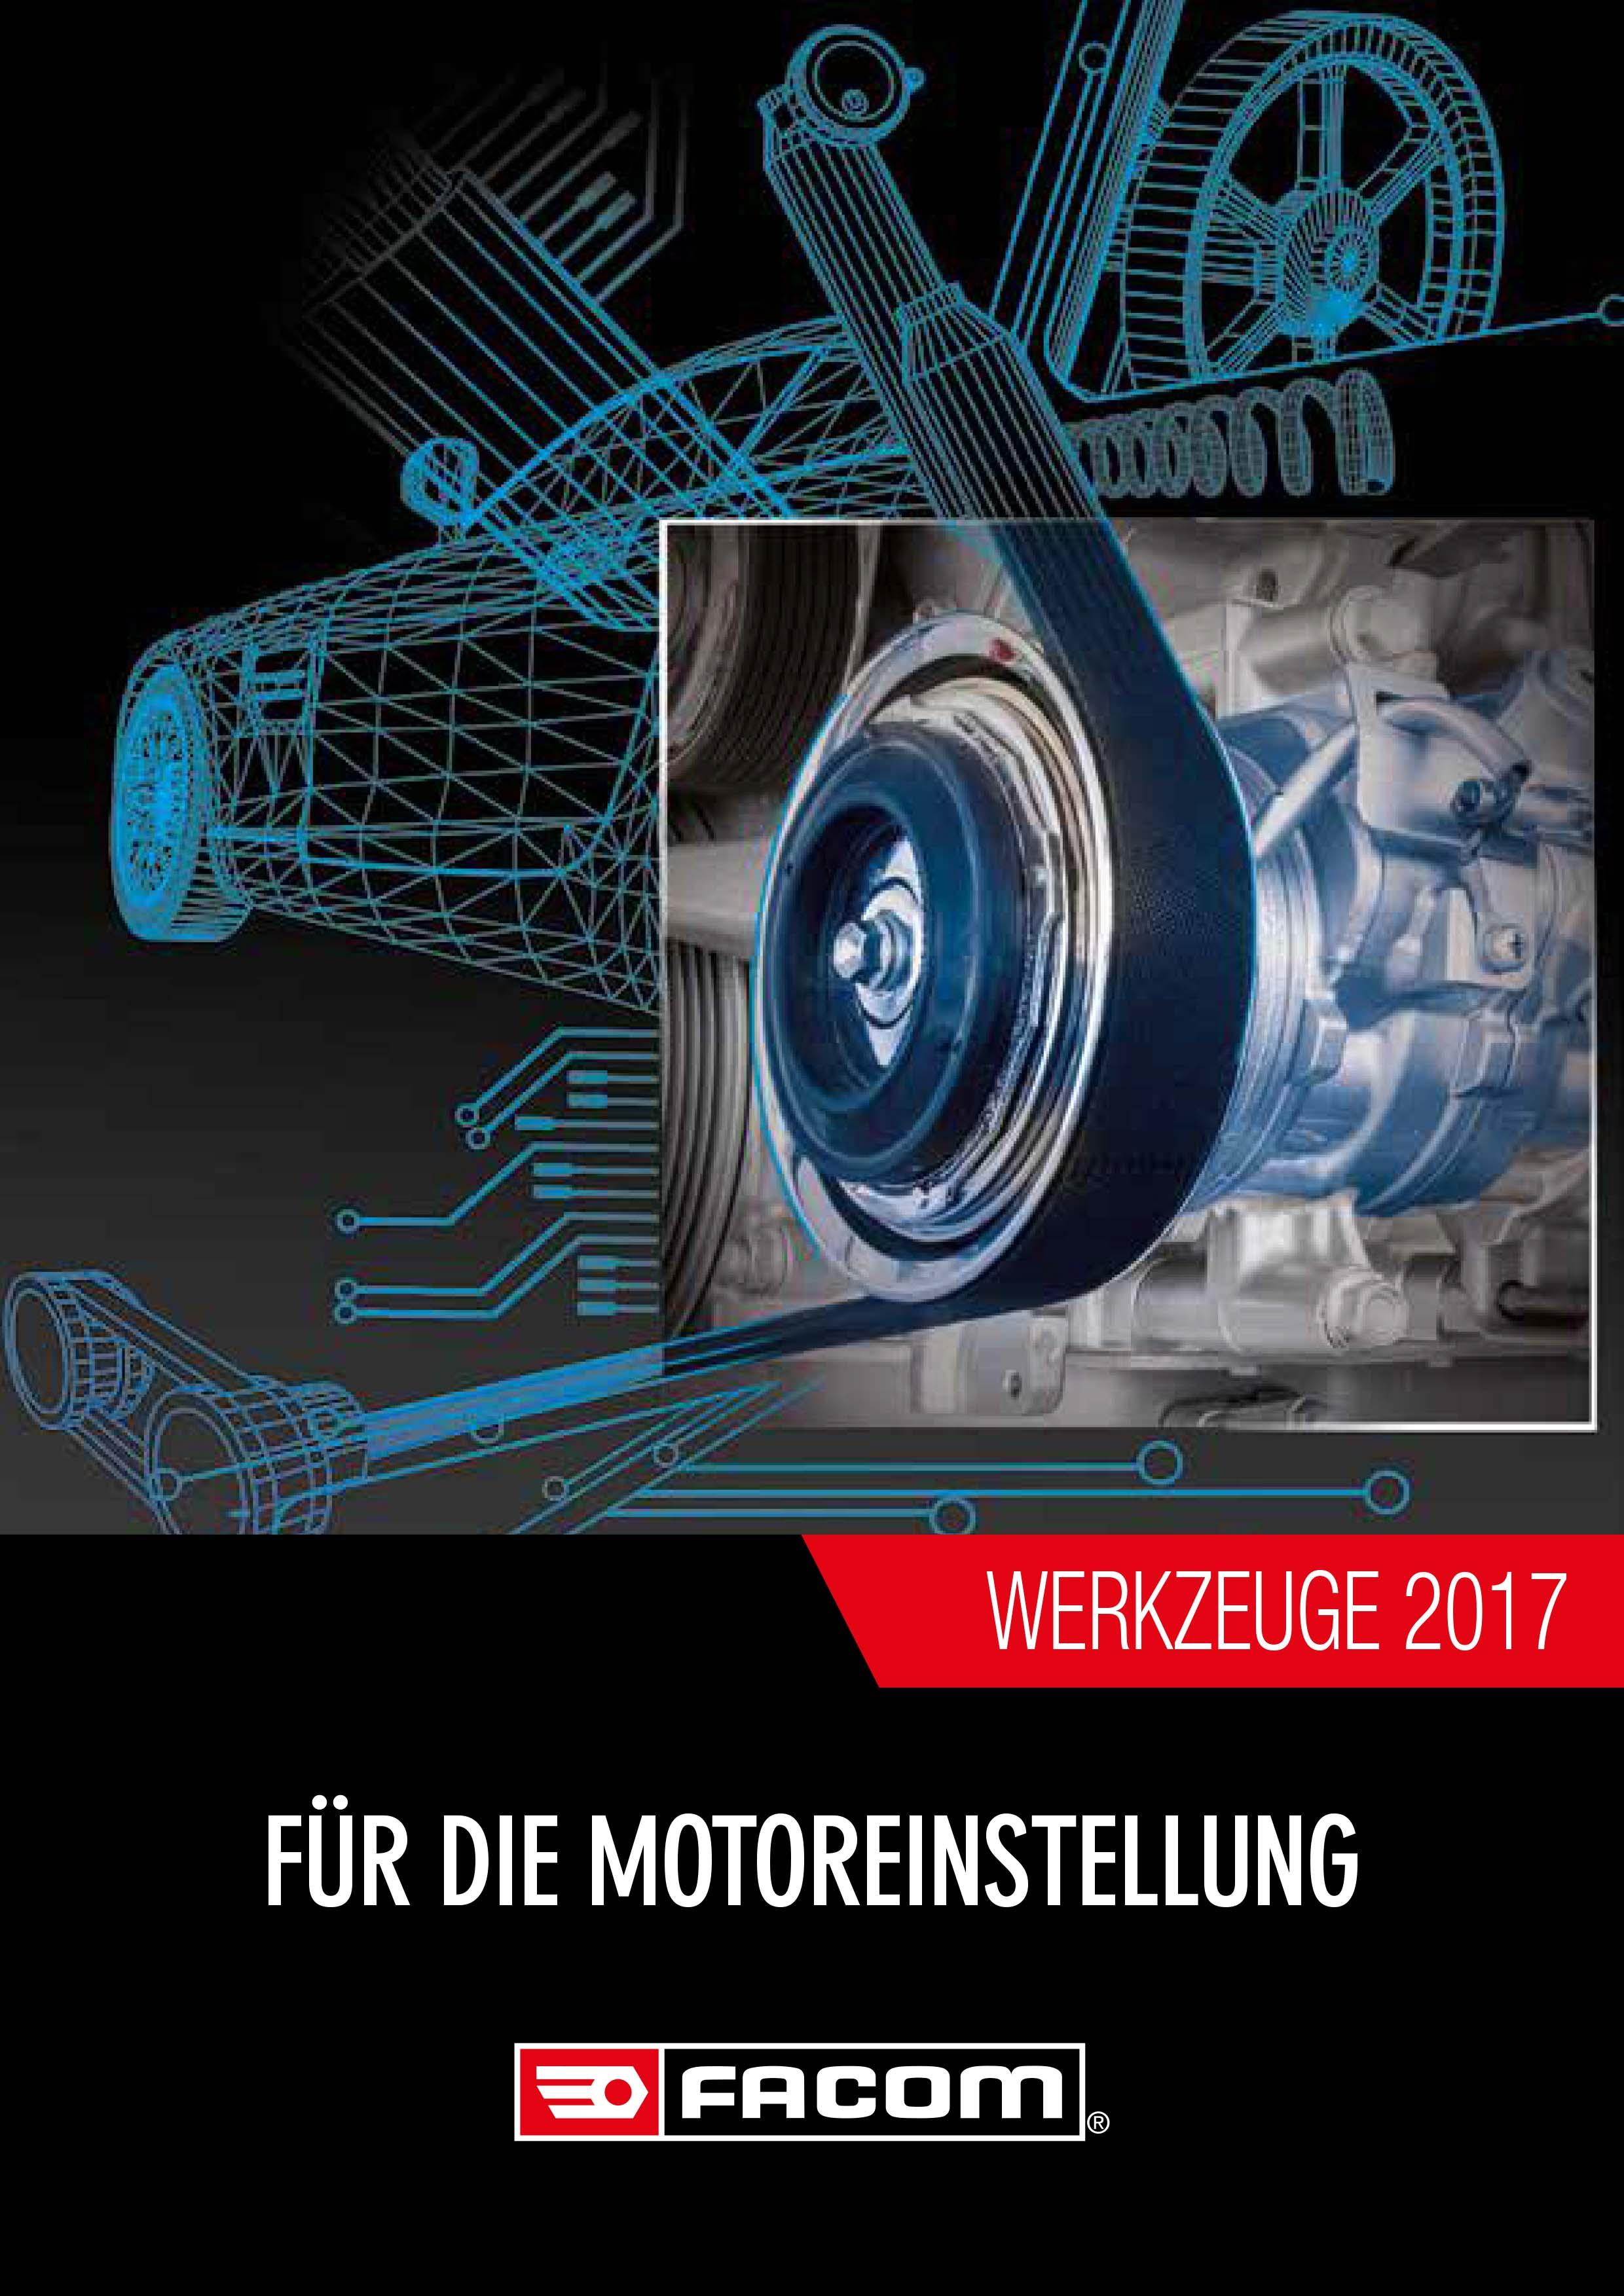 Facom Werkzeuge zur Motoreinstellung 2017